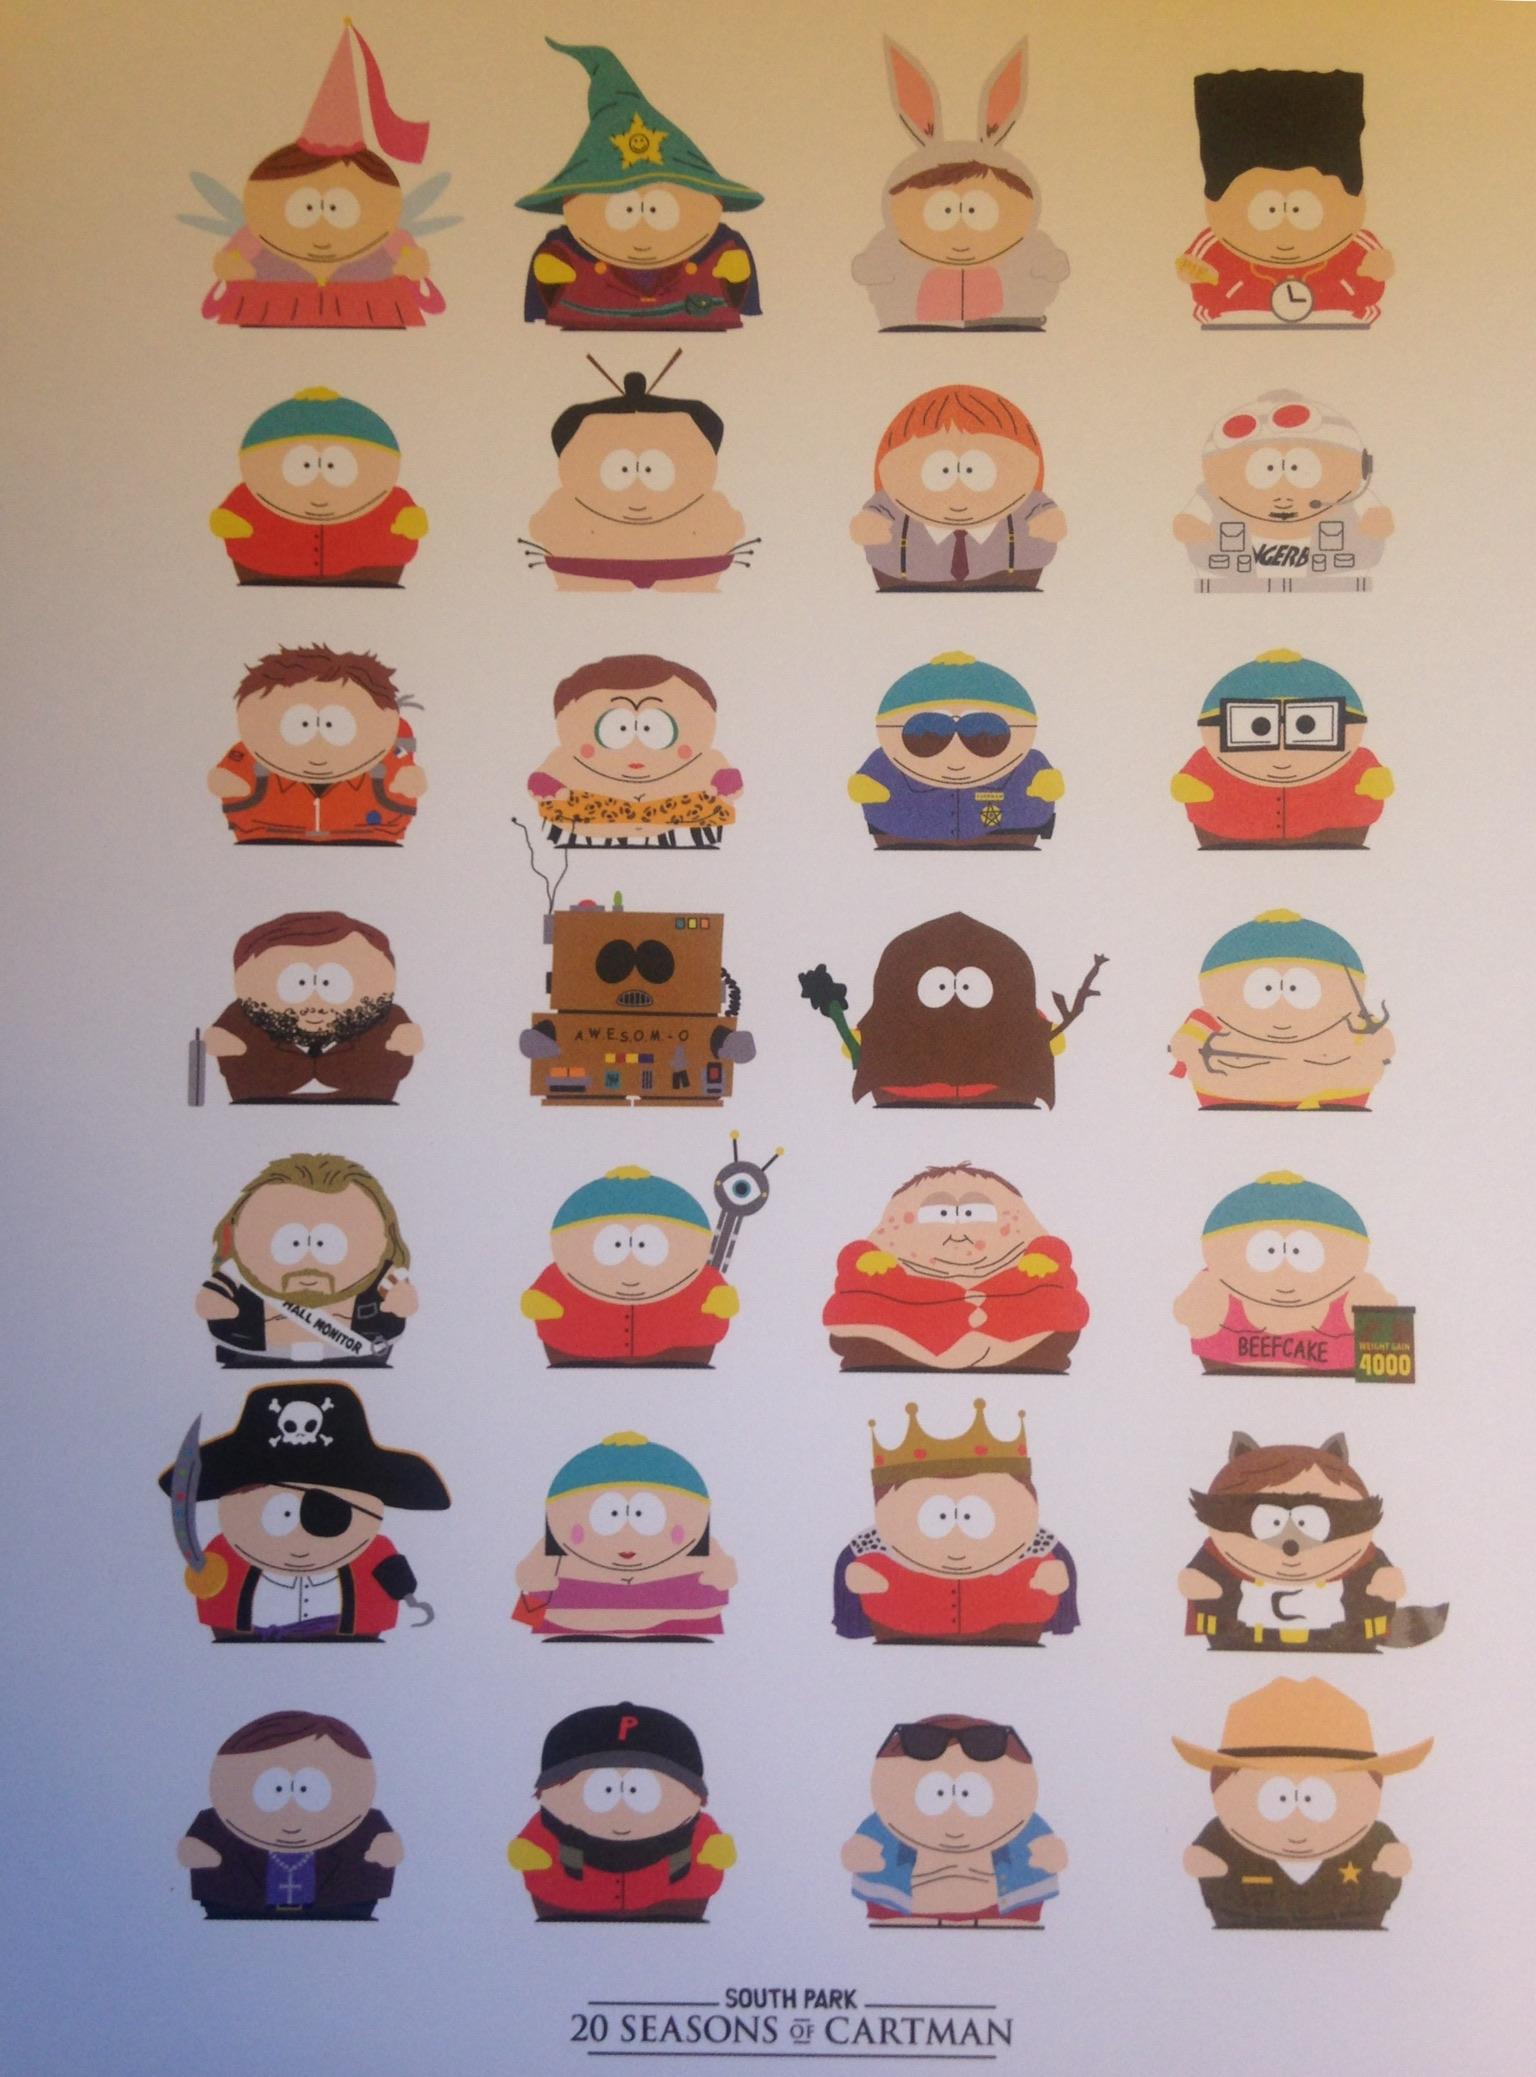 #5. Cartman Print